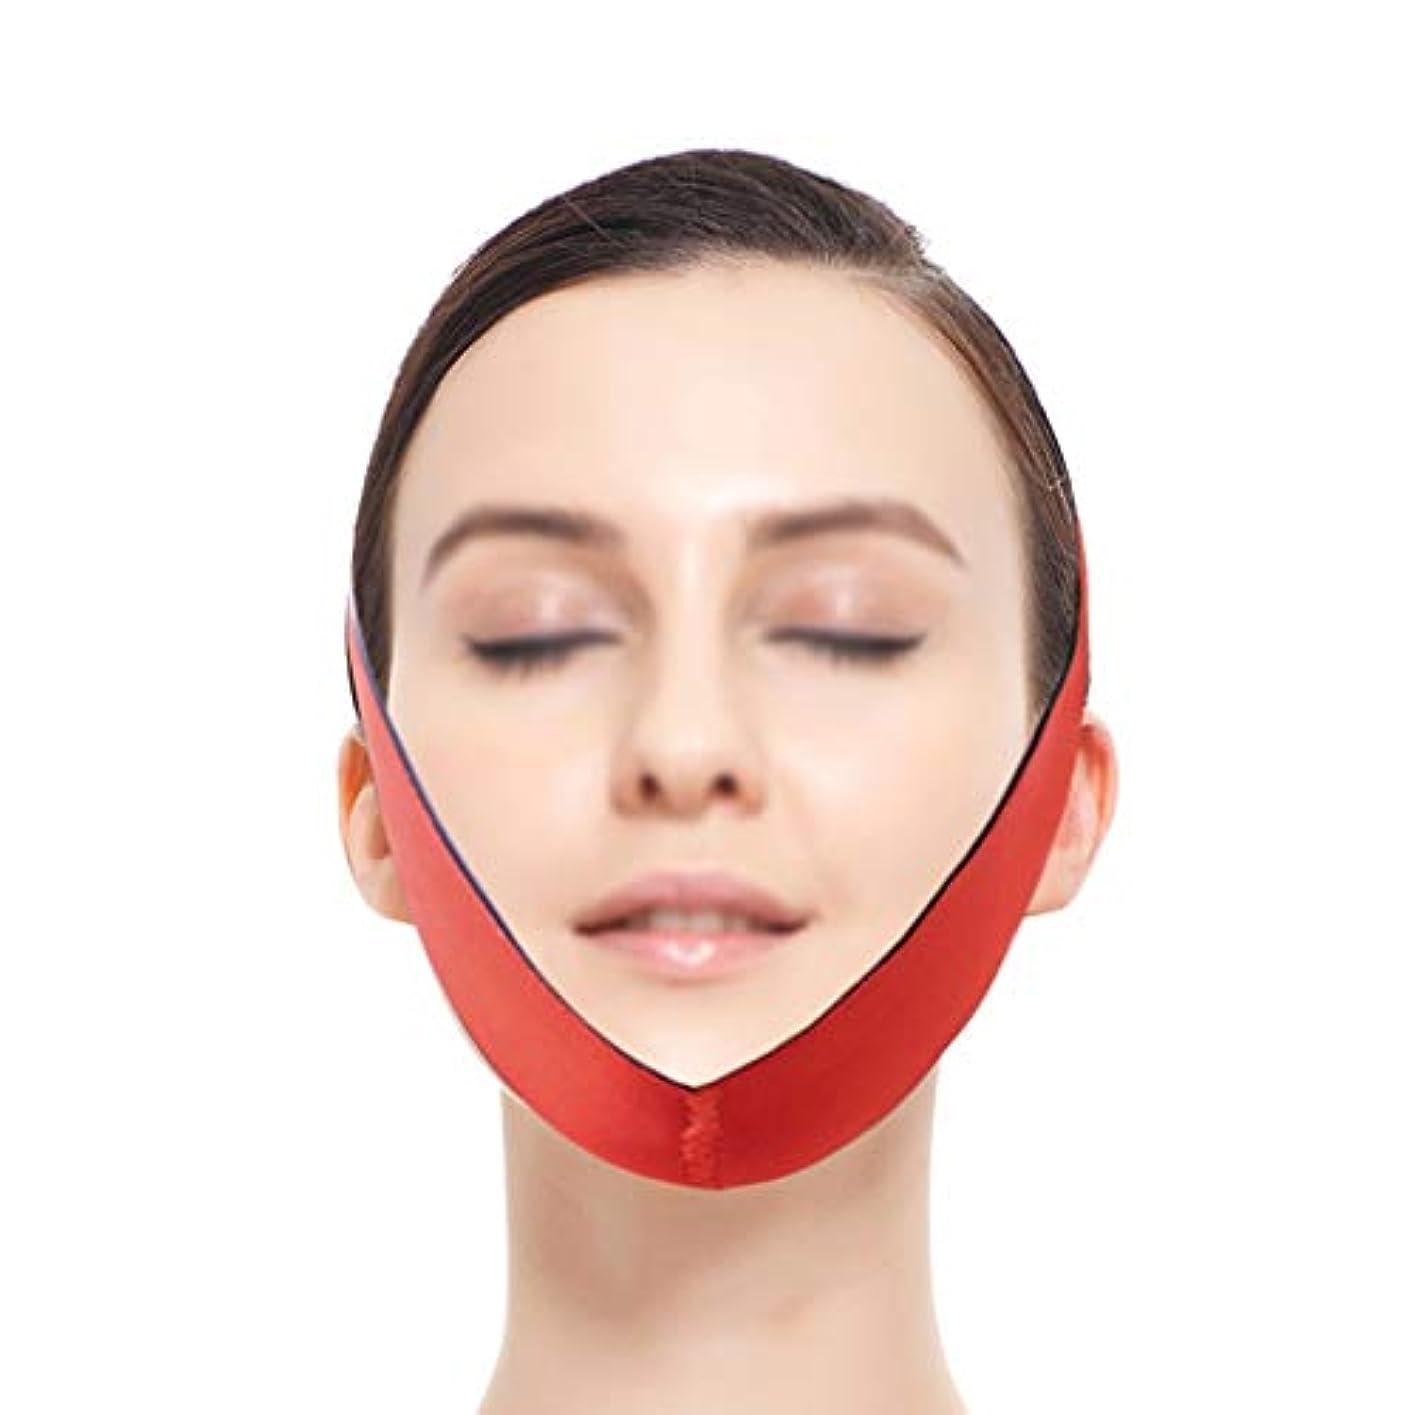 ストリップ欠如カールフェイスリフティングマスク、Vフェイスリフティングおよび締め付け、二重あご減量包帯、フェイシャルリフティングフェイスバンド(すべてのコード)